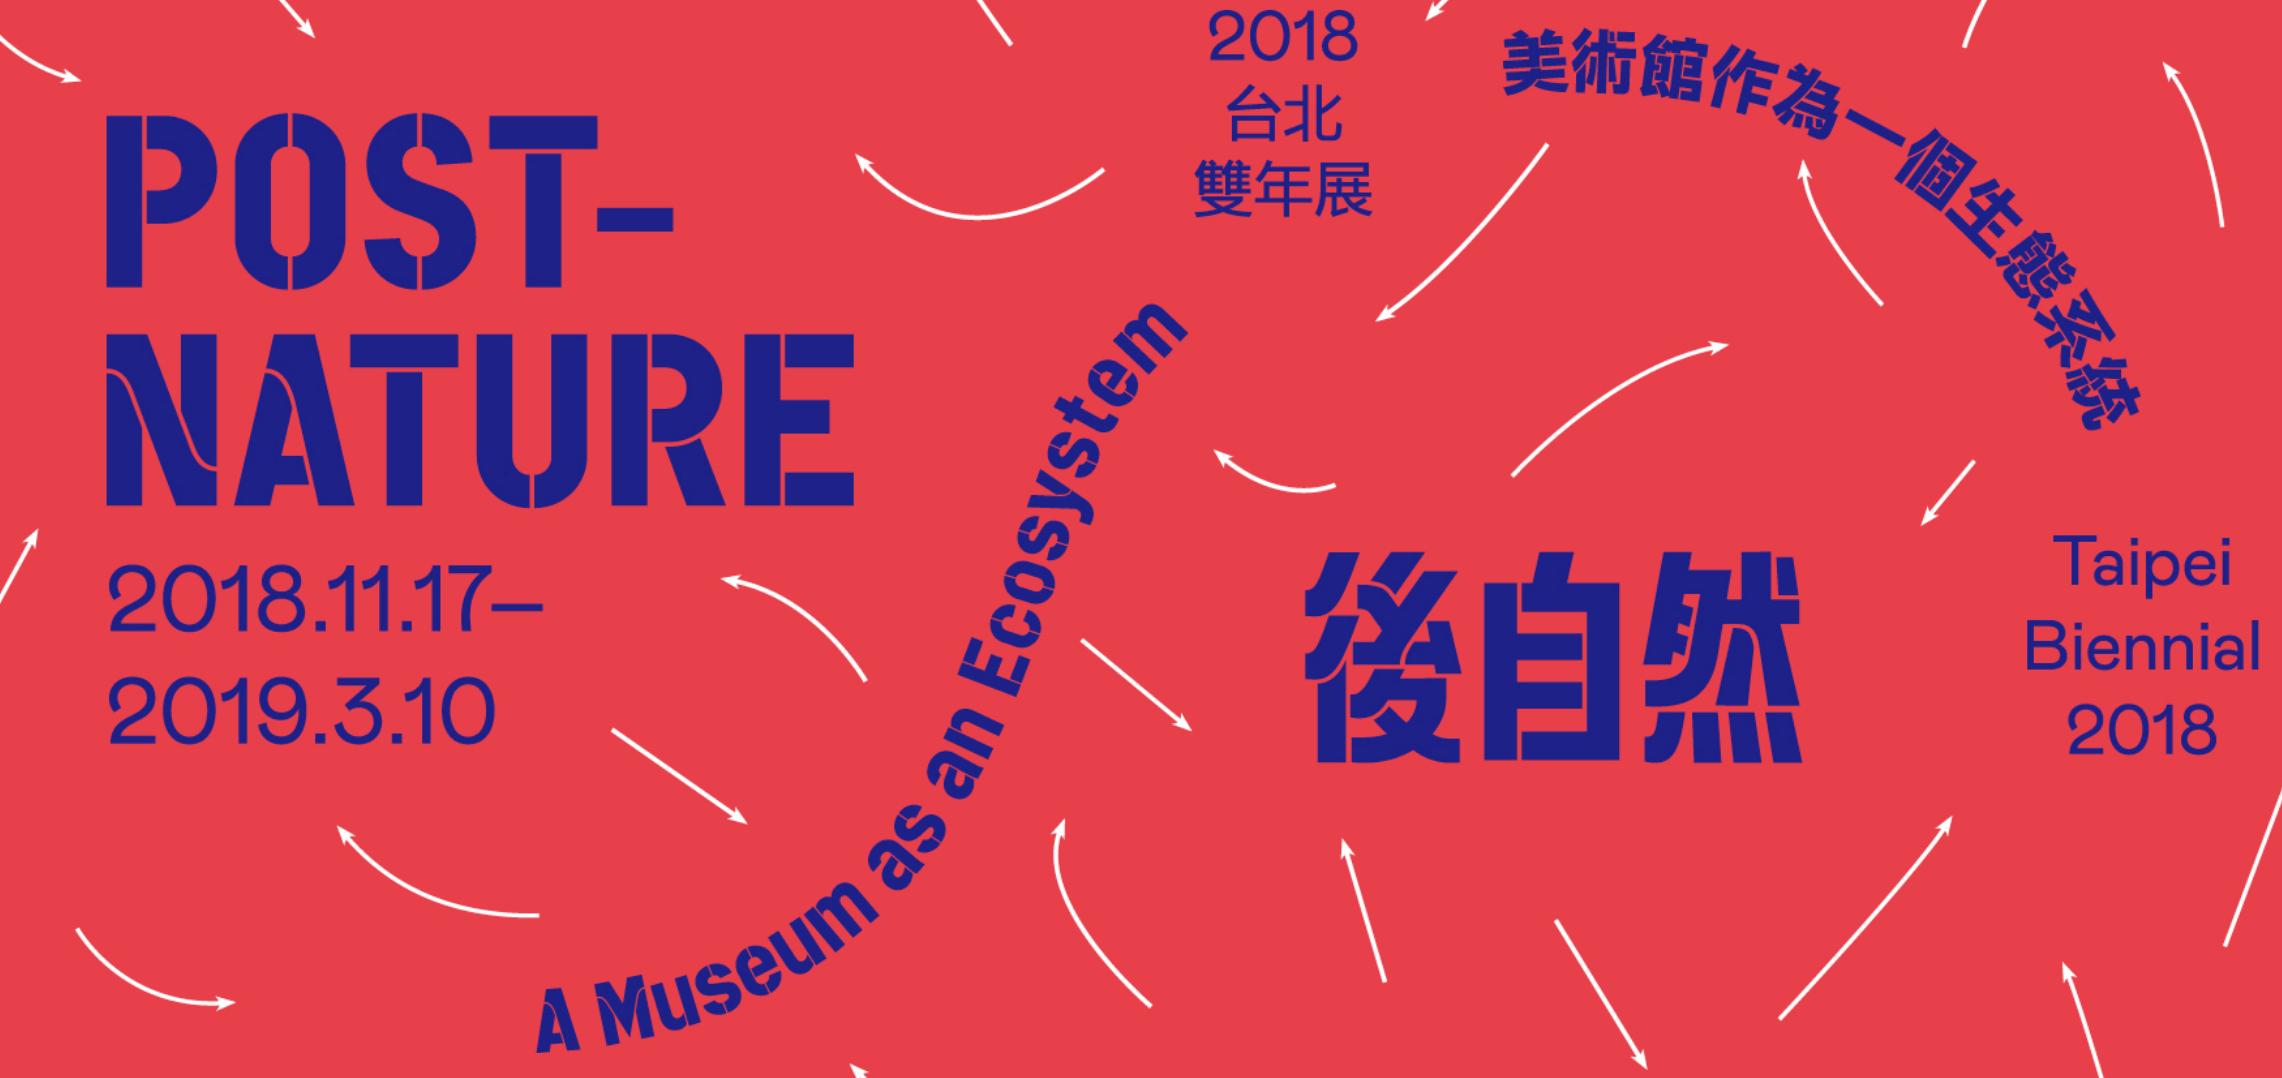 Nicholas Mangan at the Taipei Biennale